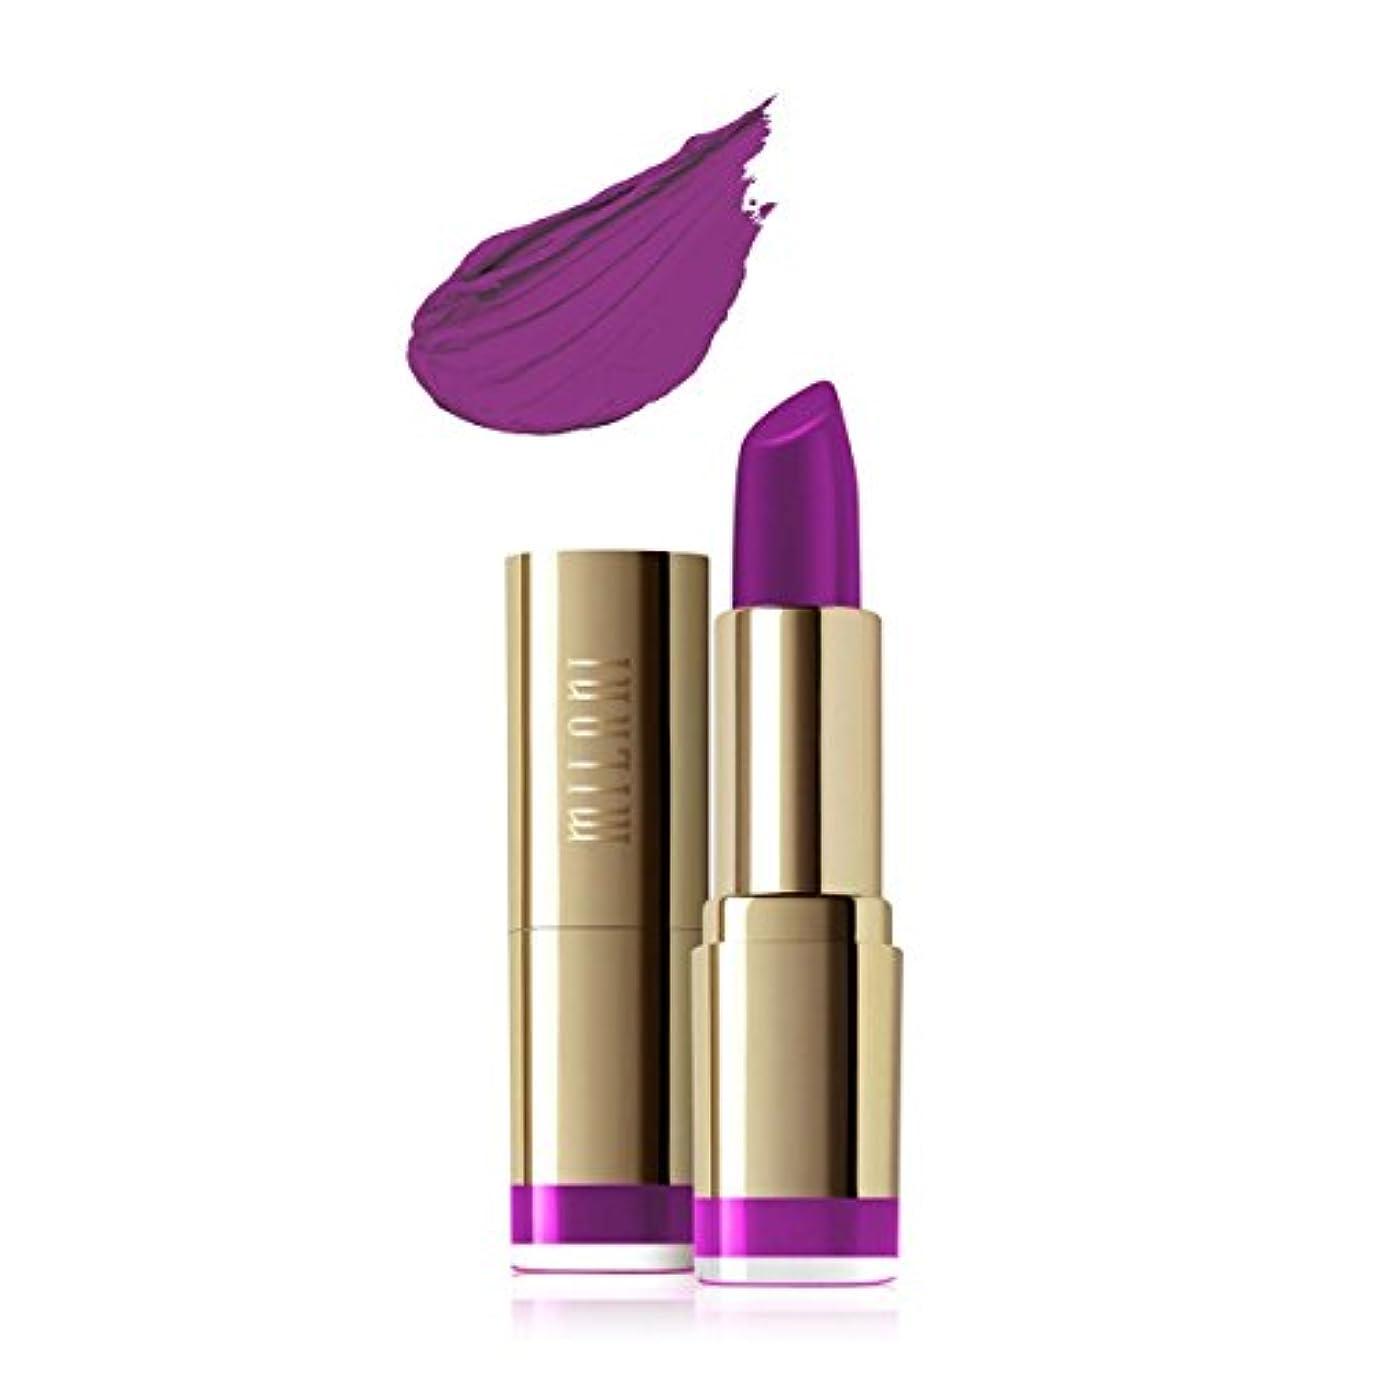 育成シンジケートギャラリーMILANI Color Statement Moisture Matte Lipstick - Matte Glam (Vegan) (並行輸入品)